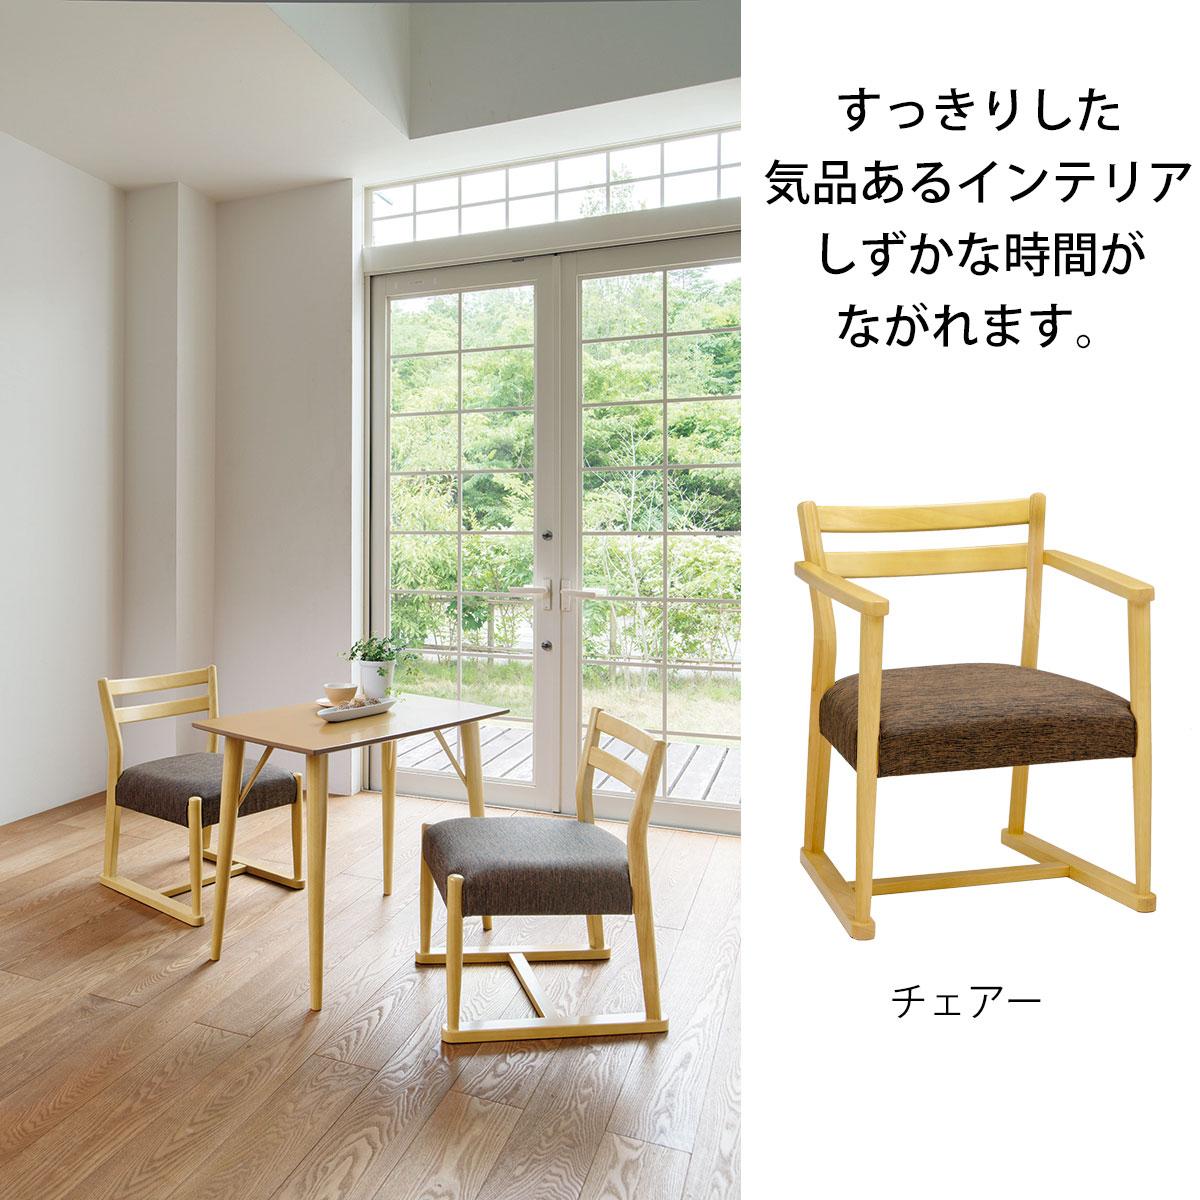 曙工芸製作所 エスコートシリーズ チェアー HO ESCORT-7211 幅50×奥行51×高さ63cm